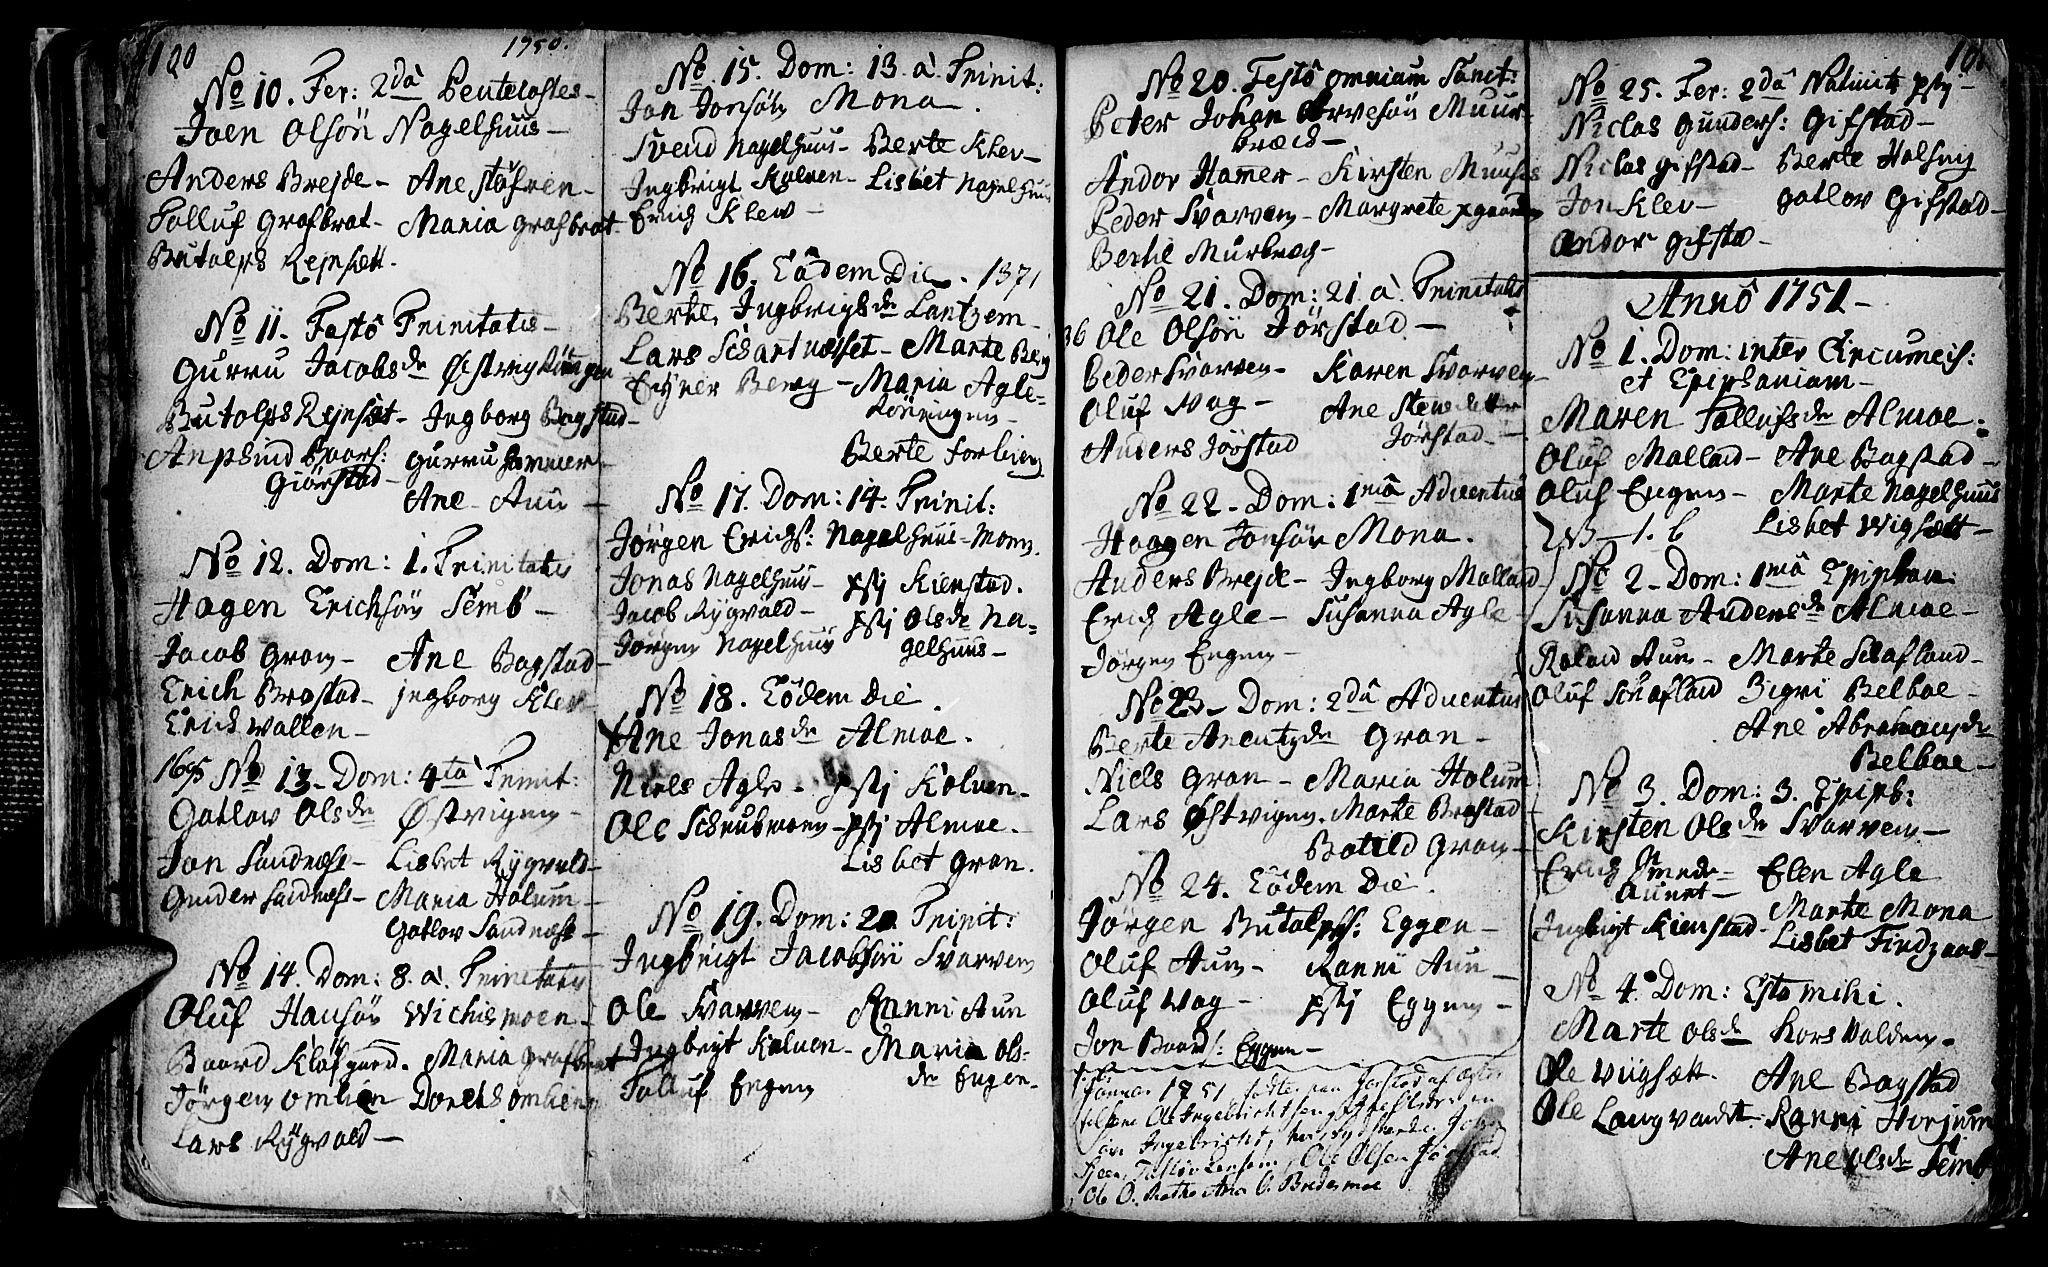 SAT, Ministerialprotokoller, klokkerbøker og fødselsregistre - Nord-Trøndelag, 749/L0467: Ministerialbok nr. 749A01, 1733-1787, s. 100-101